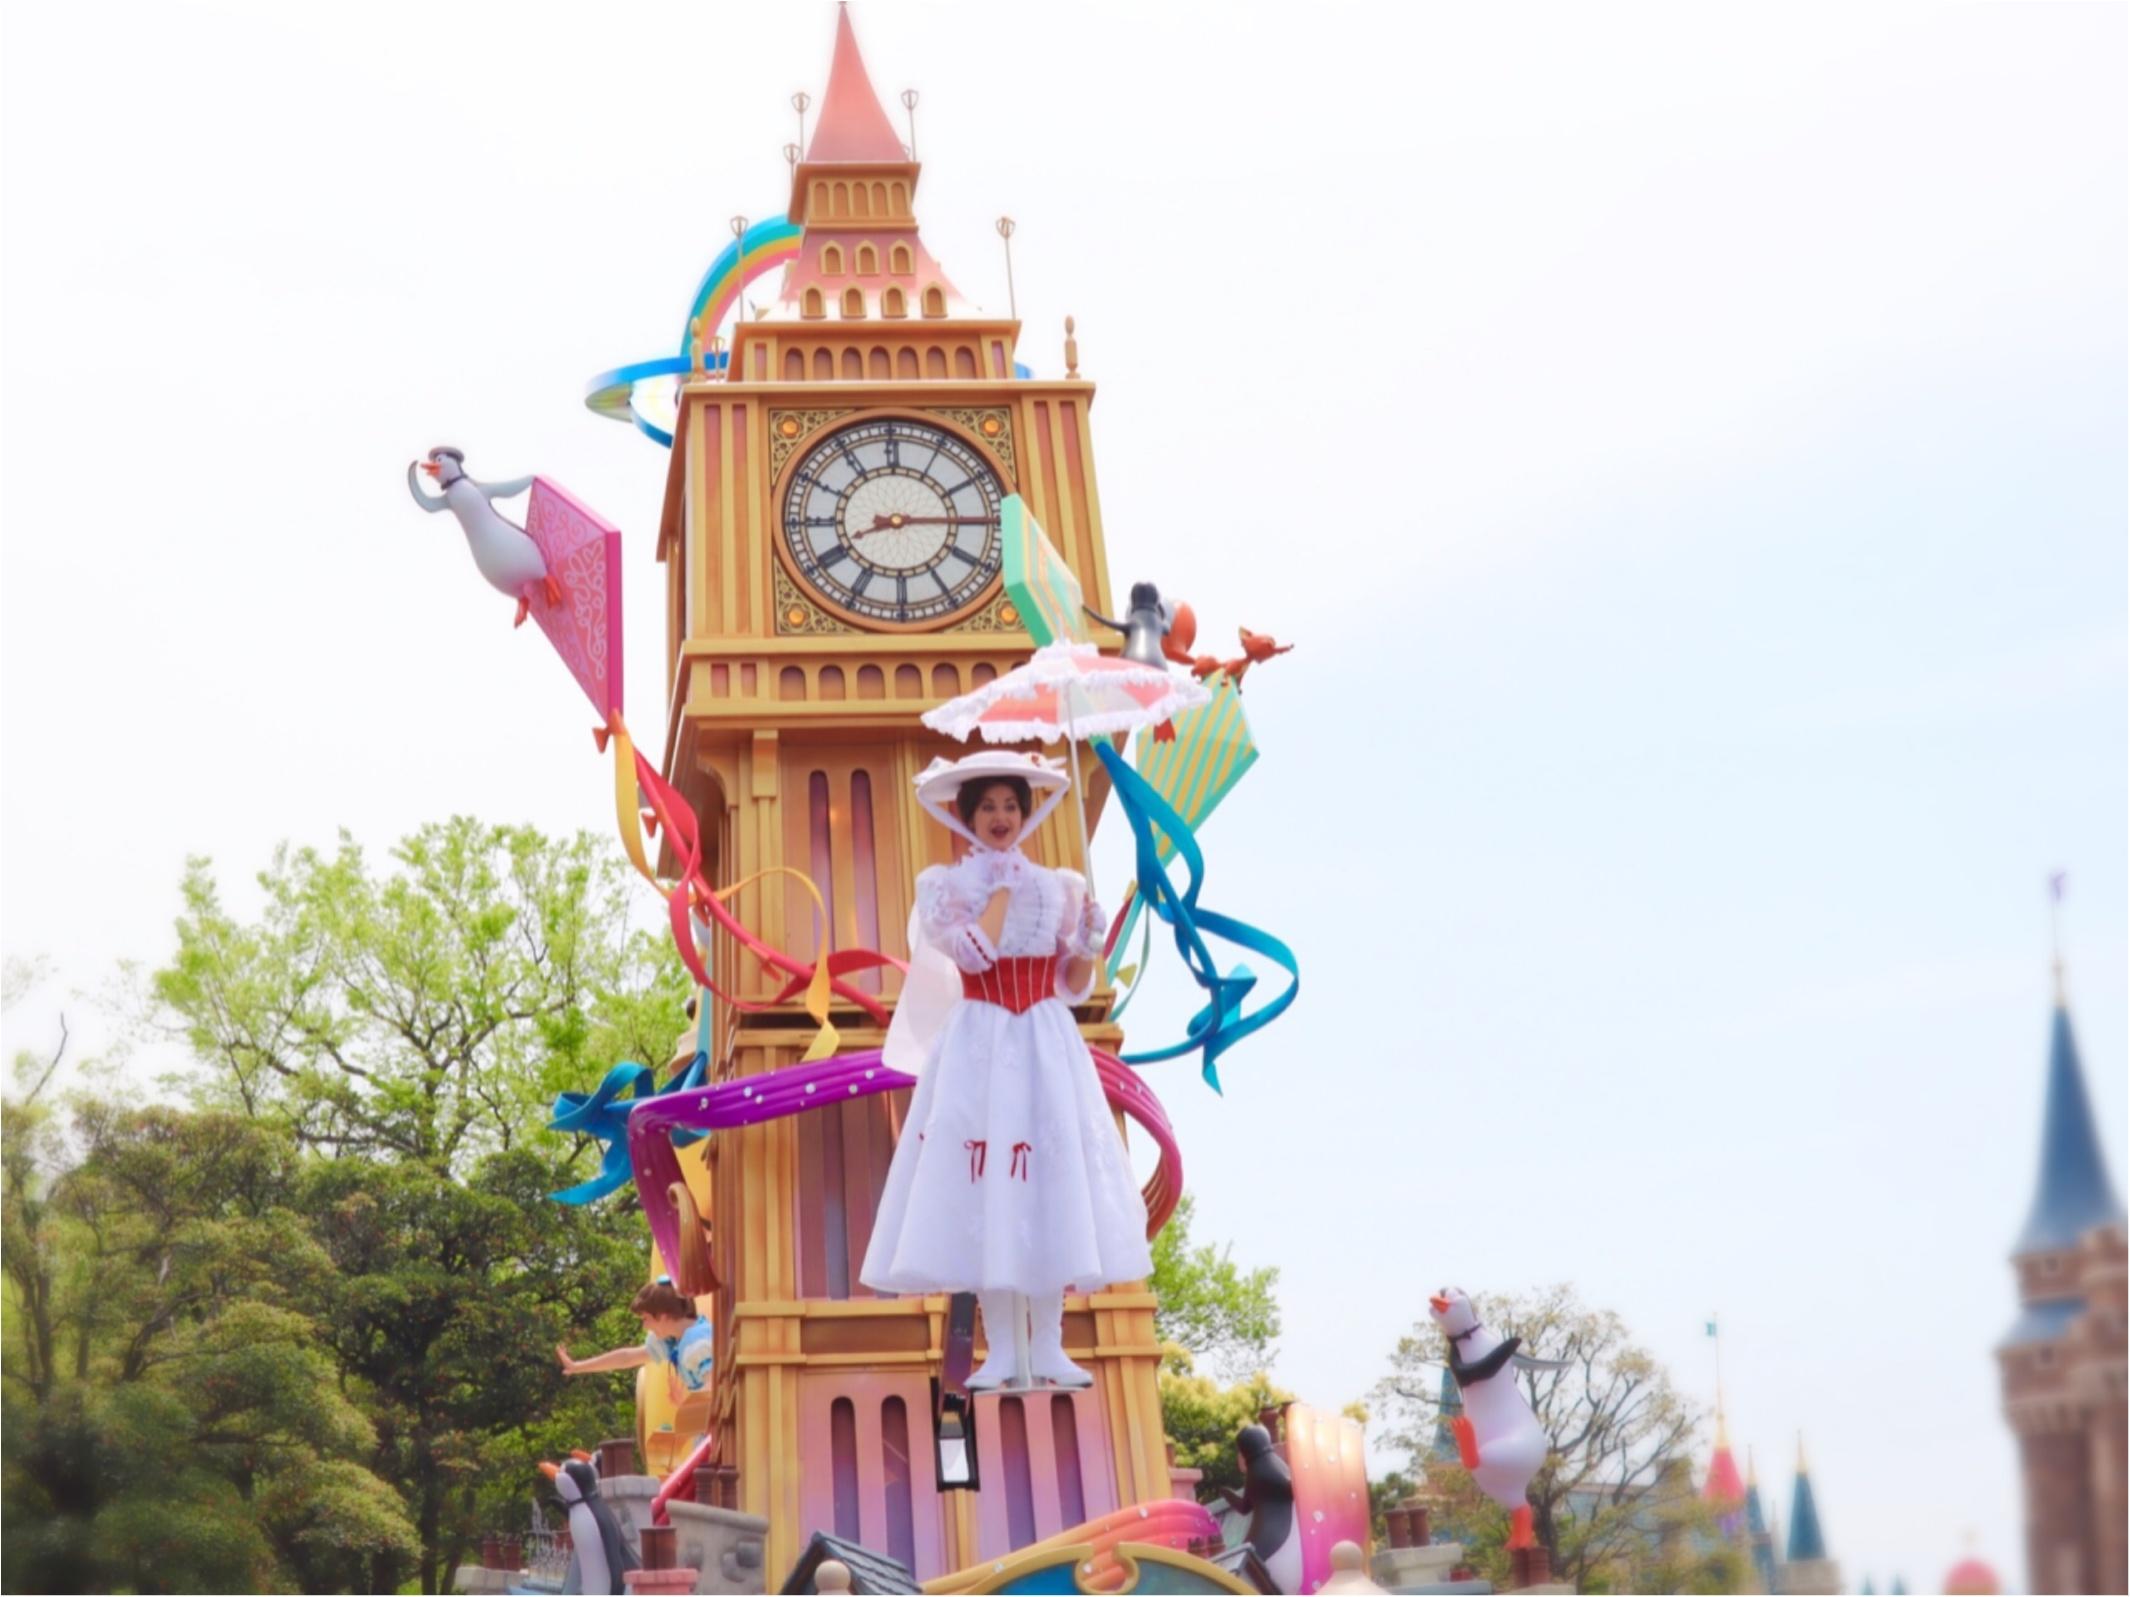 ▷【東京ディズニーランド35周年】Newパレード「ドリーミング・アップ!」がとにかく凄い!!_23